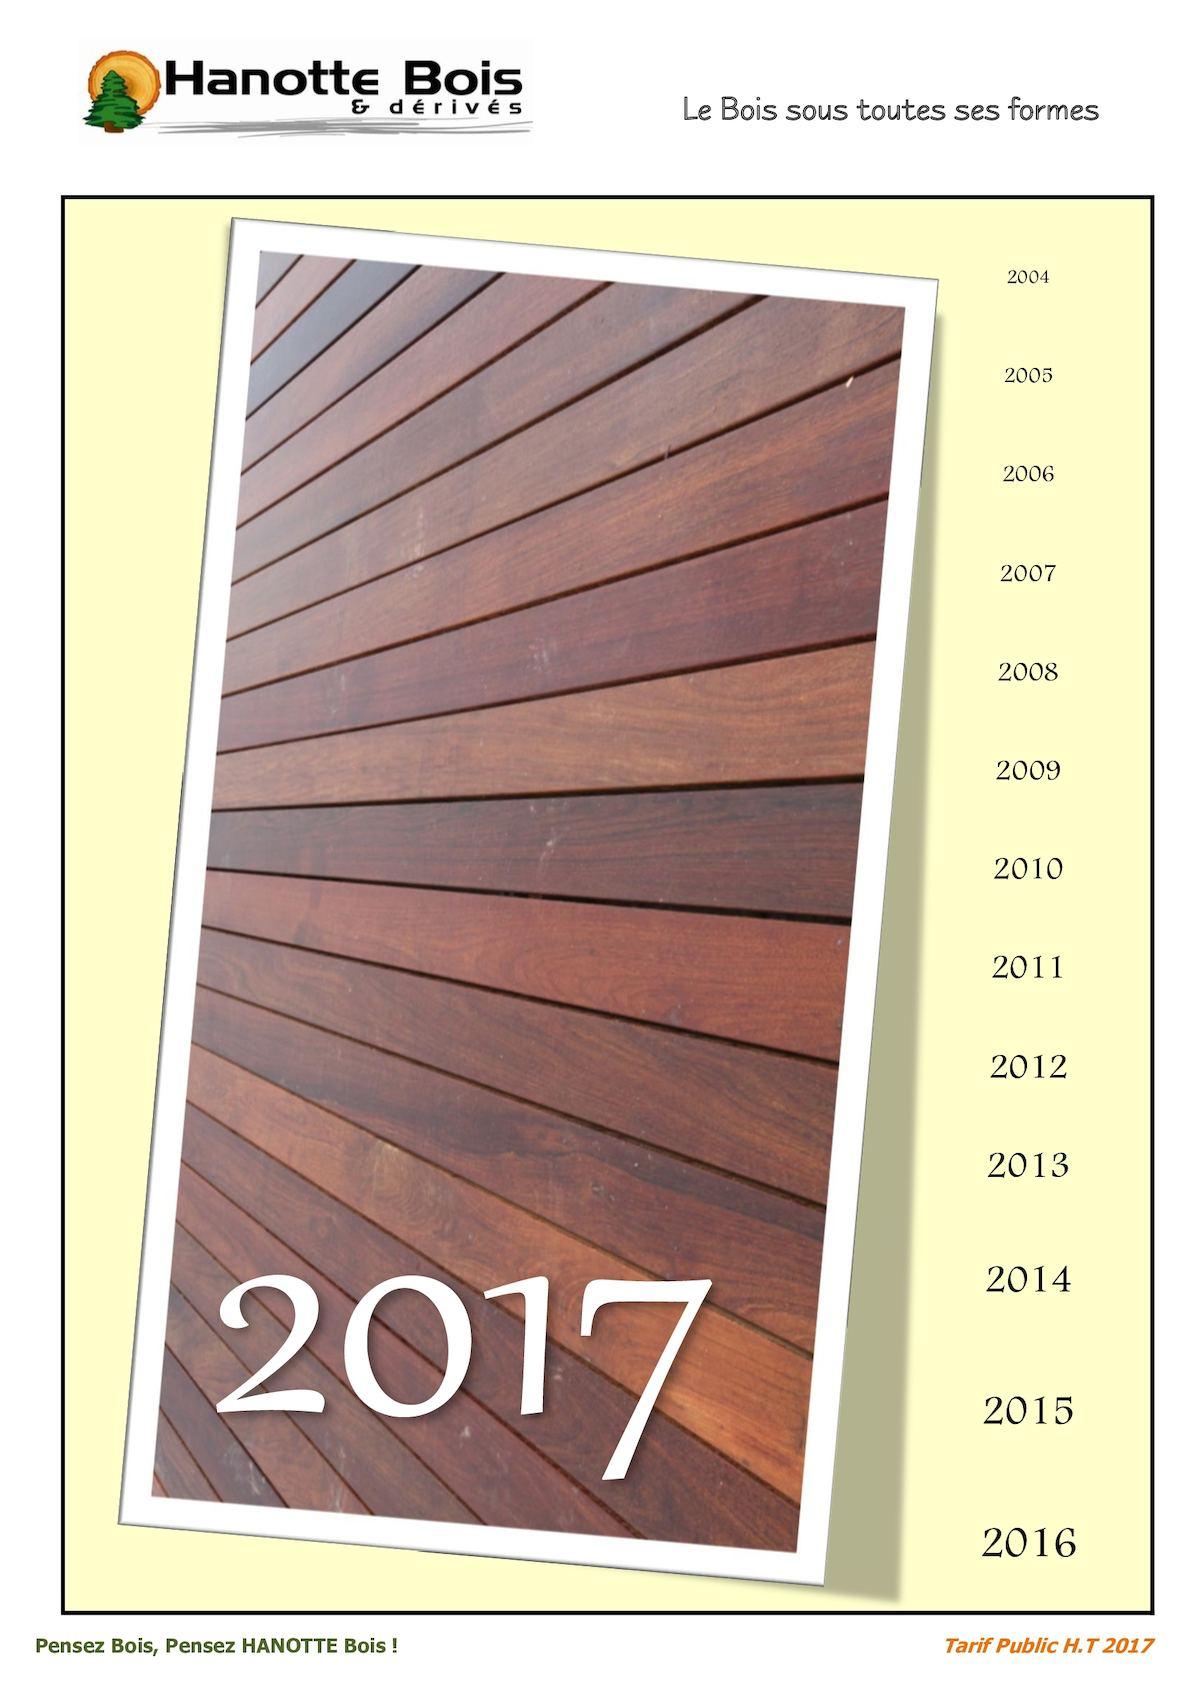 Bois Rétifié Prix M2 calaméo - catalogue 2017 - hanotte bois & dérivés